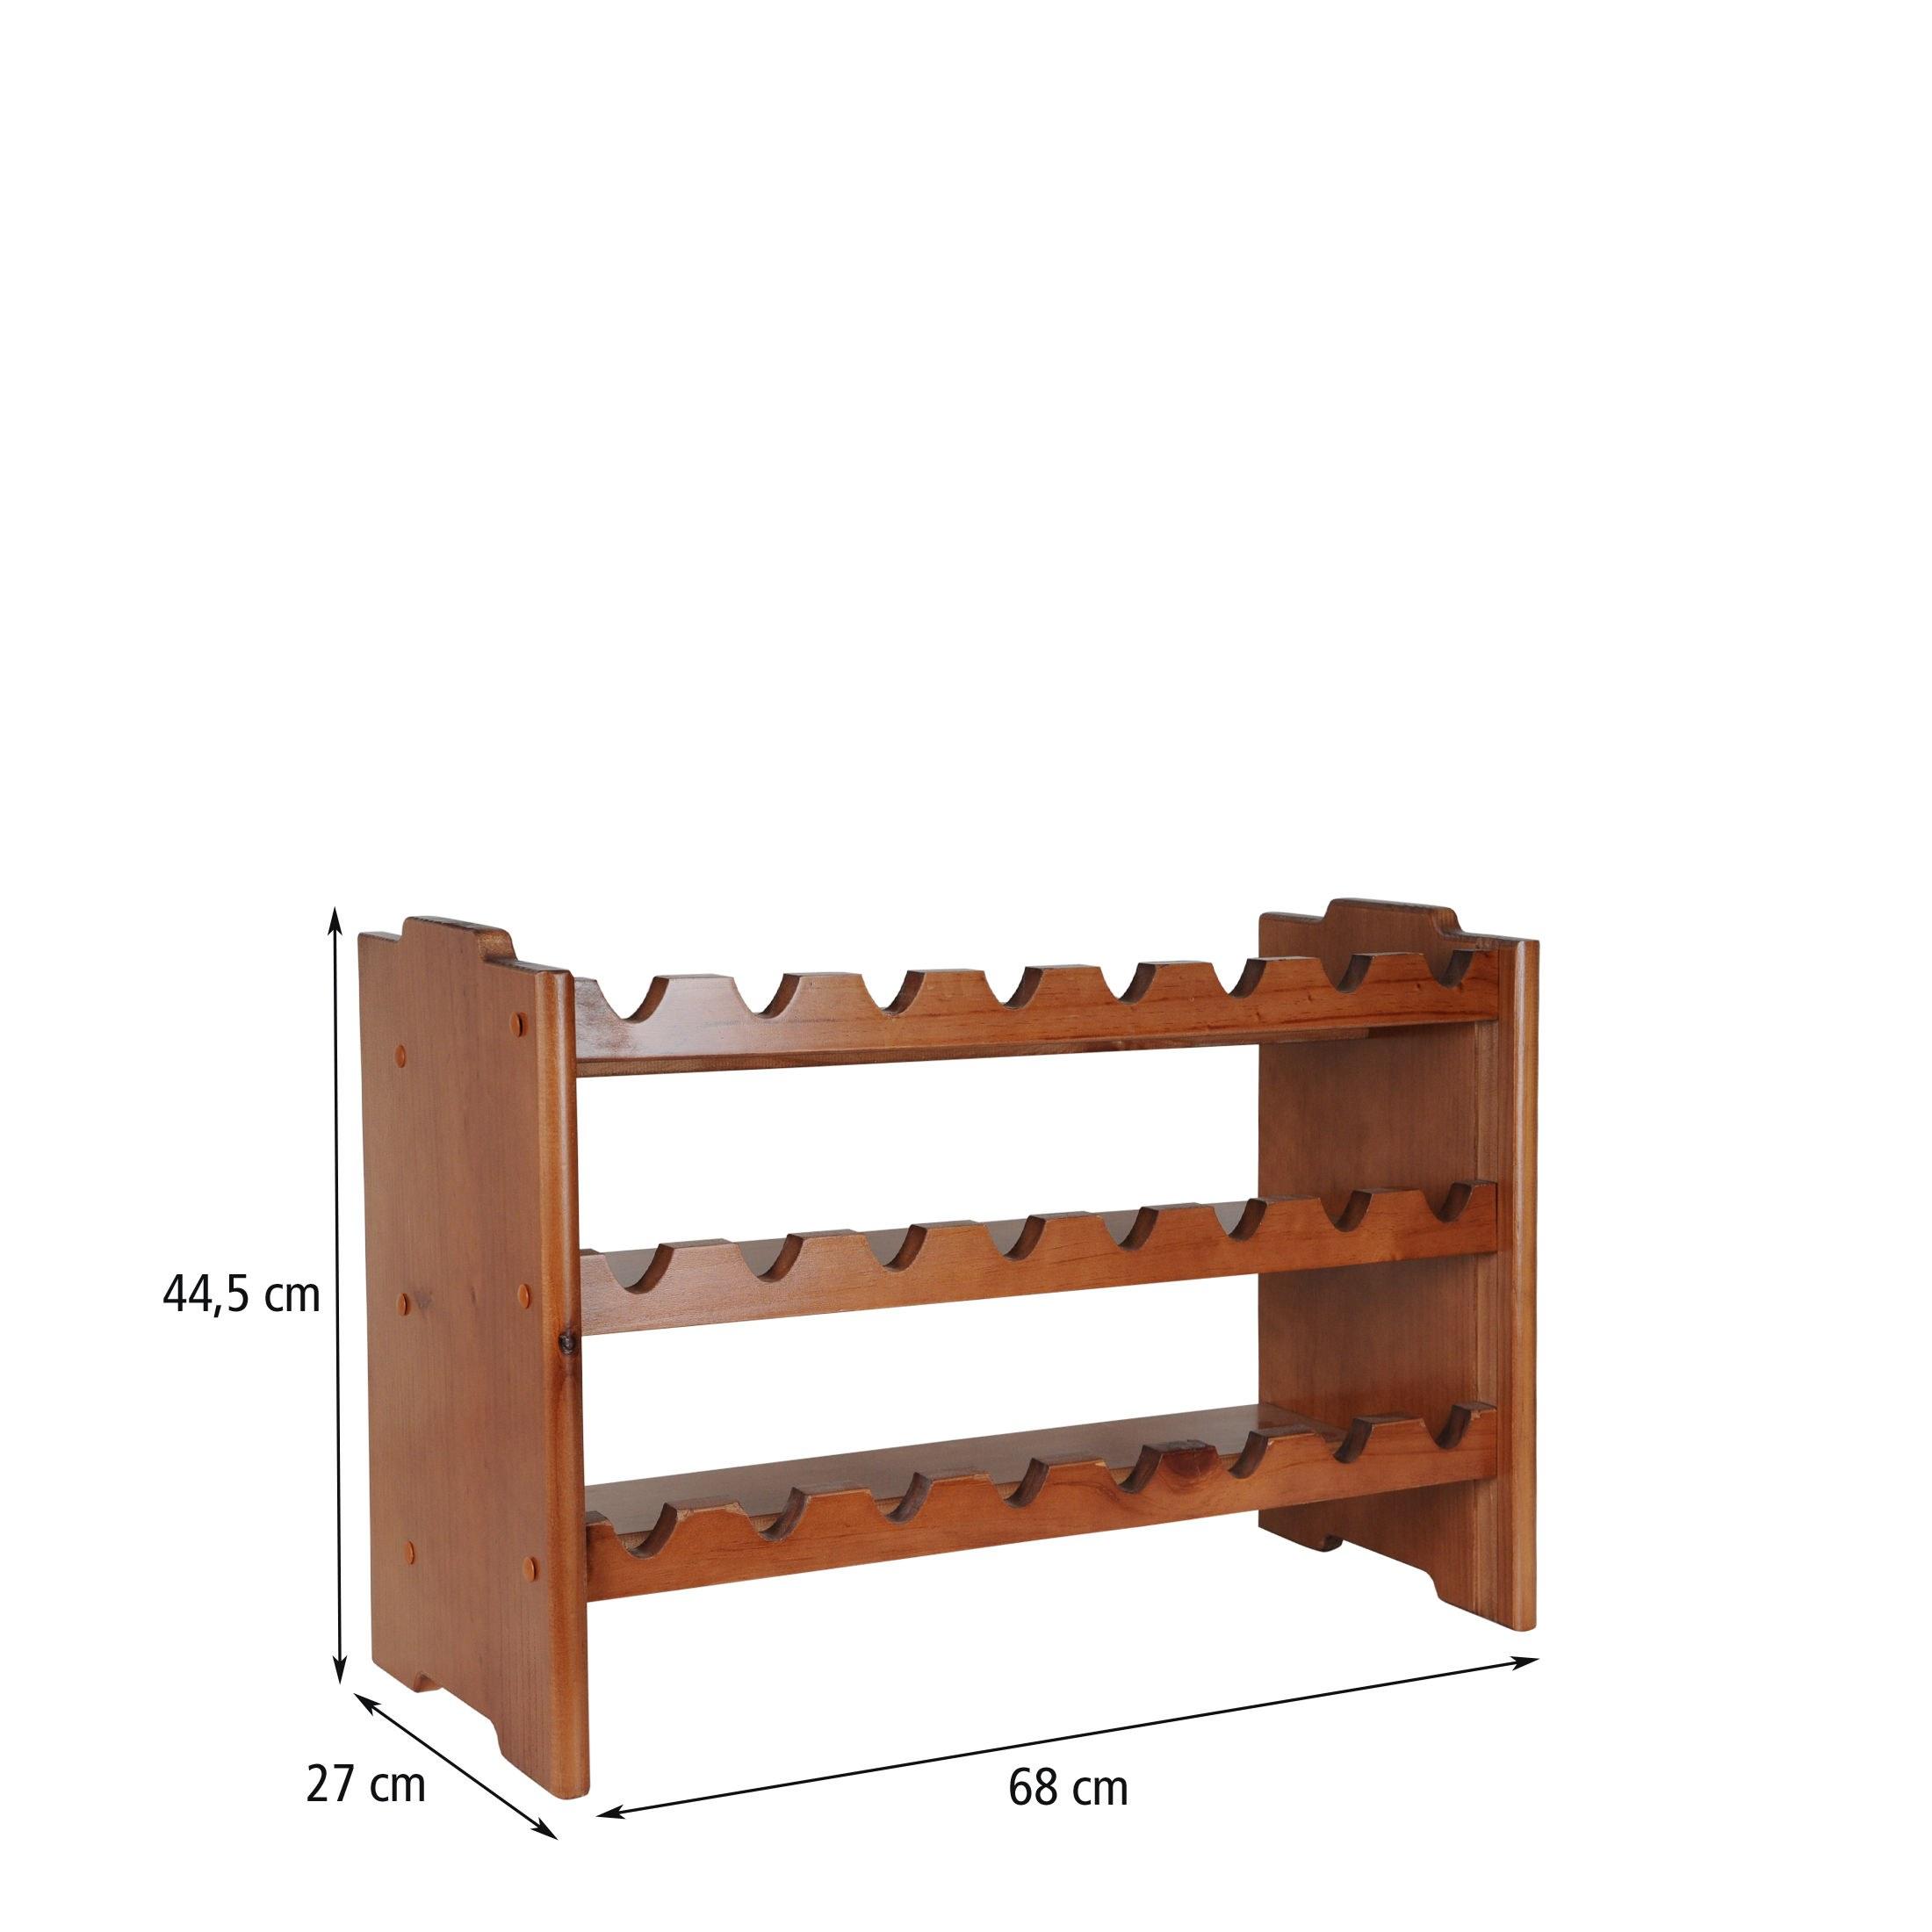 Bucherregal Dunkelbraun Holz ~ Verschiedene Arten von Wohndesign und ...